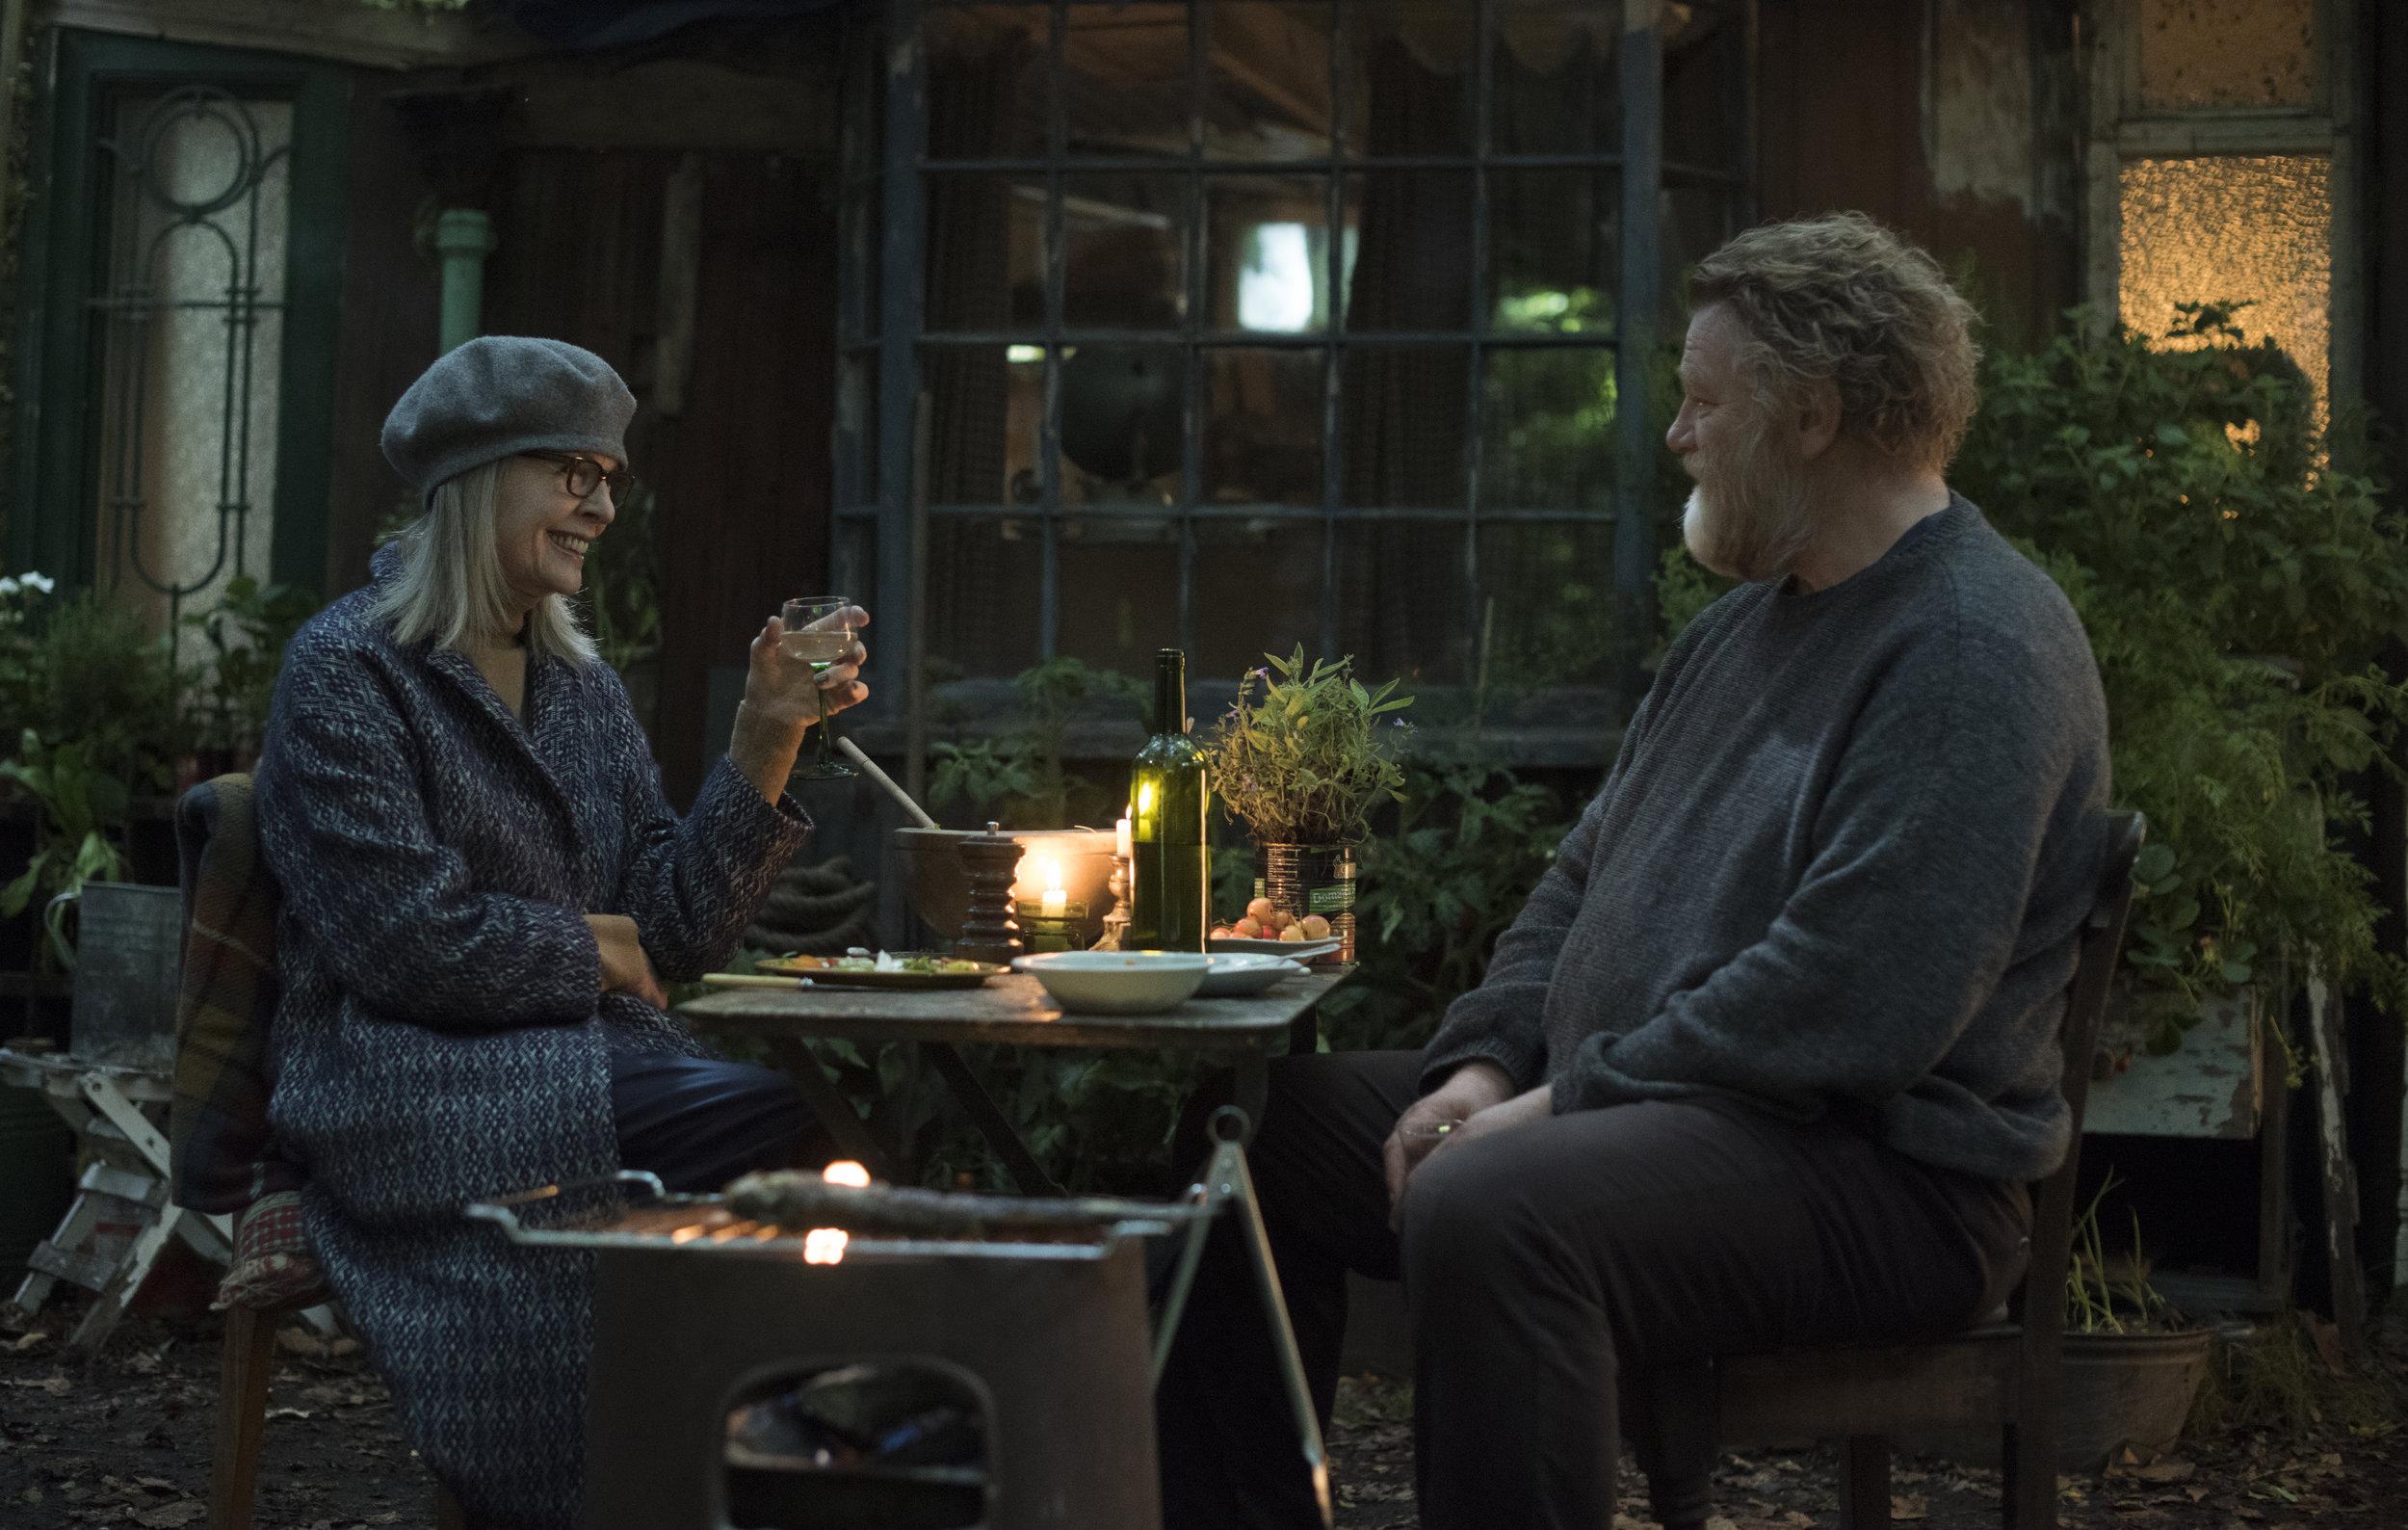 Emily (Diane Keaton), enke med skrantende økonomi, blir kjent med Donald som bor i hjemmesnekret rønne i parken Hampstead Heath.